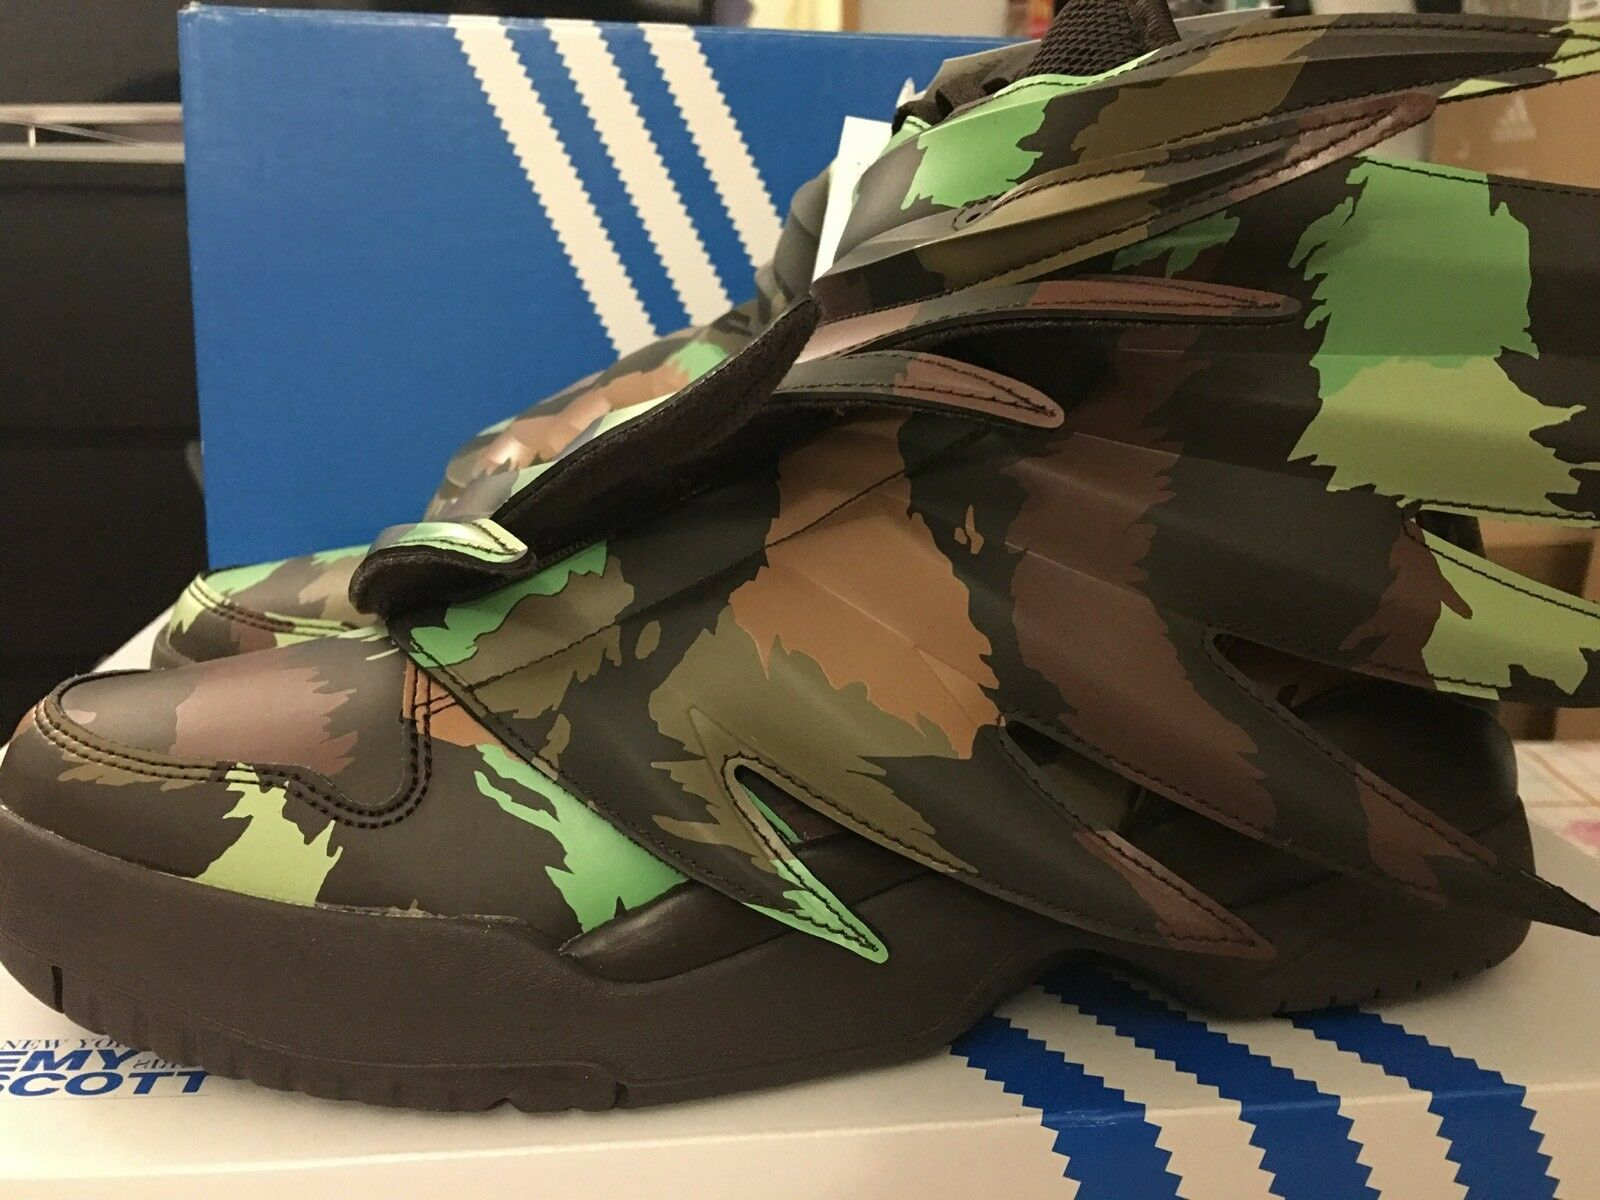 Adidas Jeremy Scott JS Wings 3.0 Multi Sauvage Camo Green S77804 UK 8 EU 42